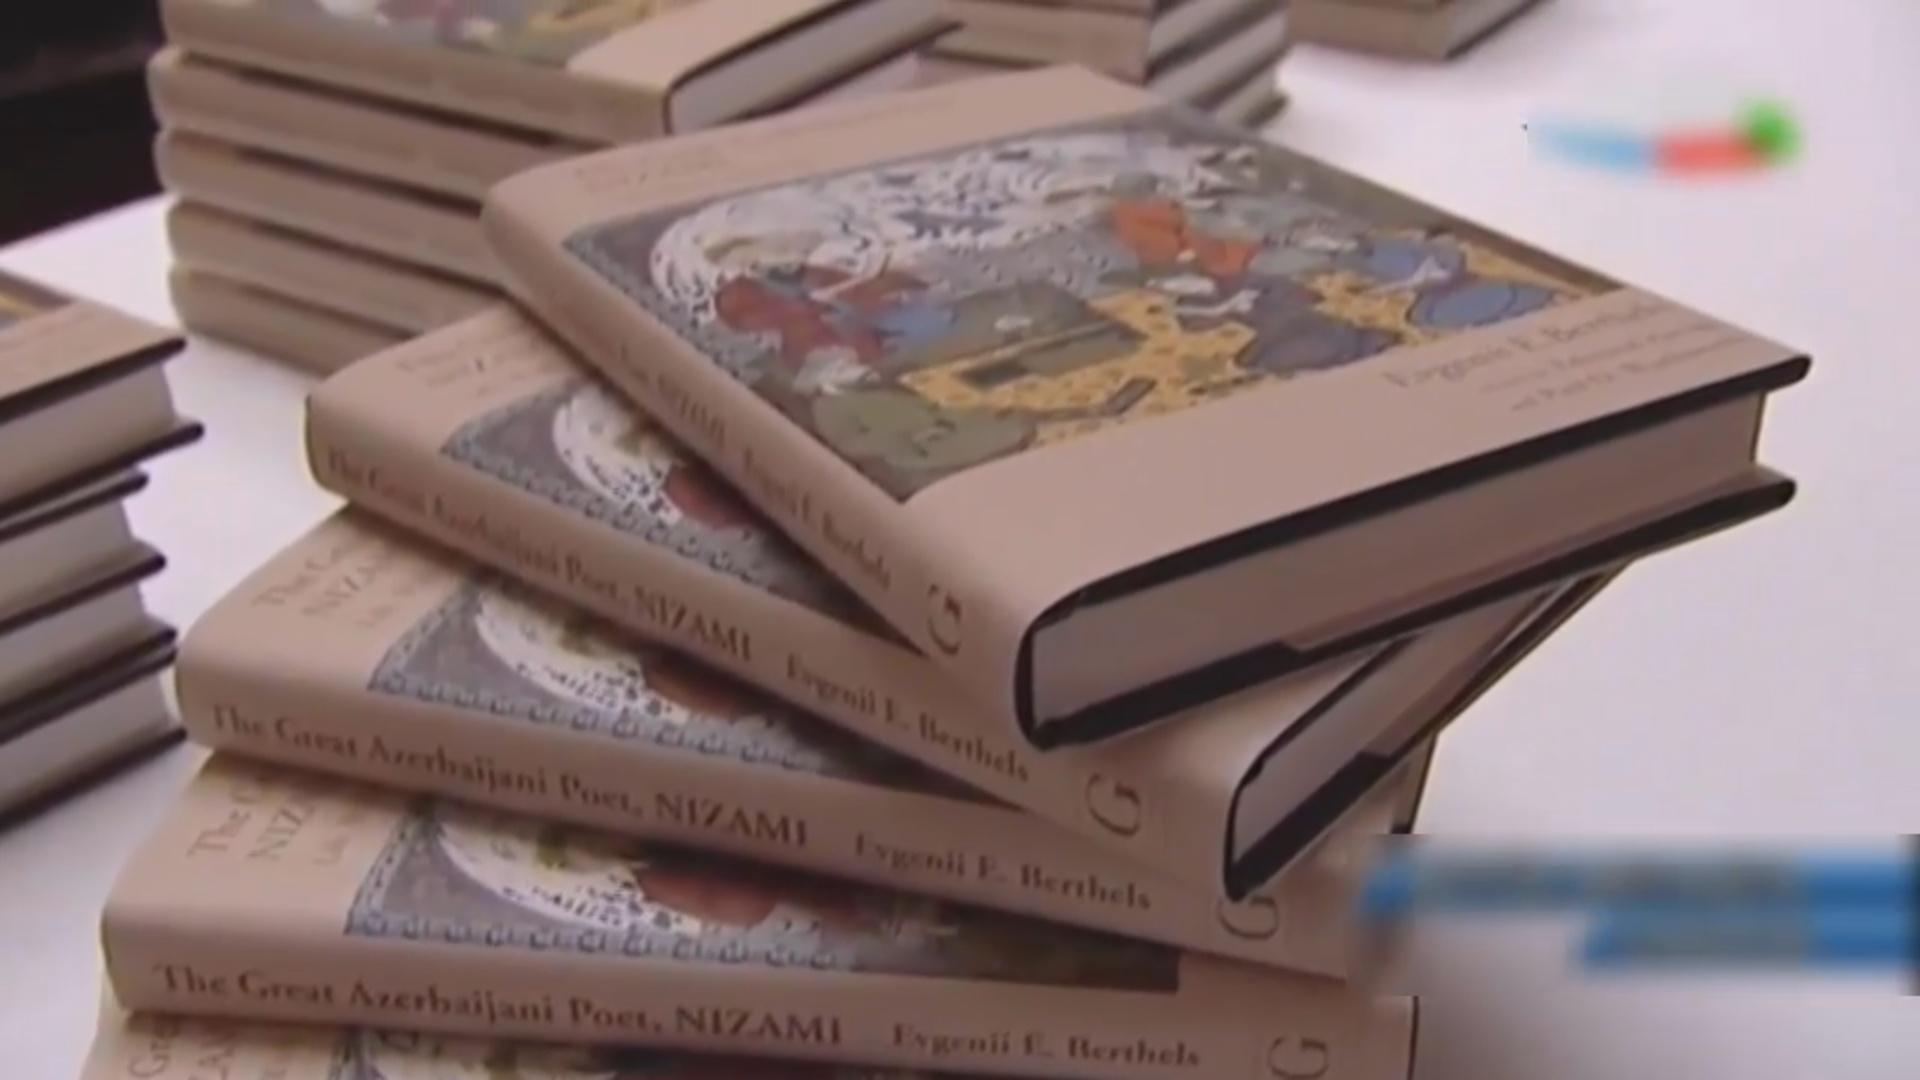 """""""Dahi Azərbaycan şairi Nizami"""" kitabının akademik tərcüməsinin təqdimat mərasimi keçirilib"""